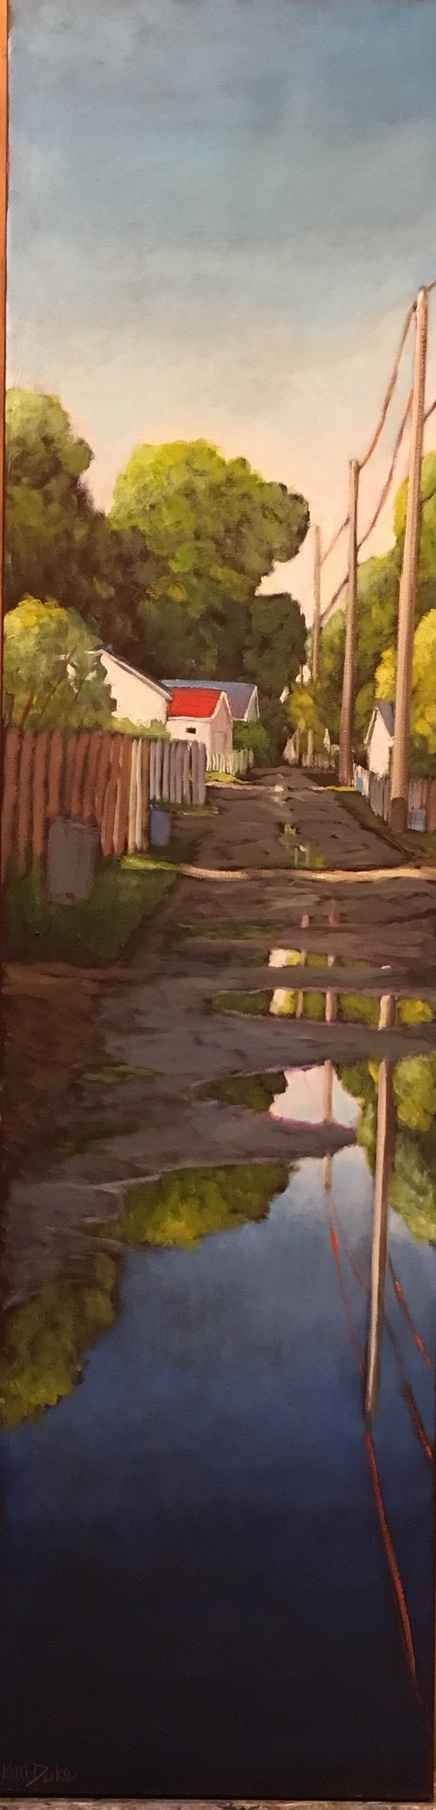 Summer by  Kari Duke - Masterpiece Online